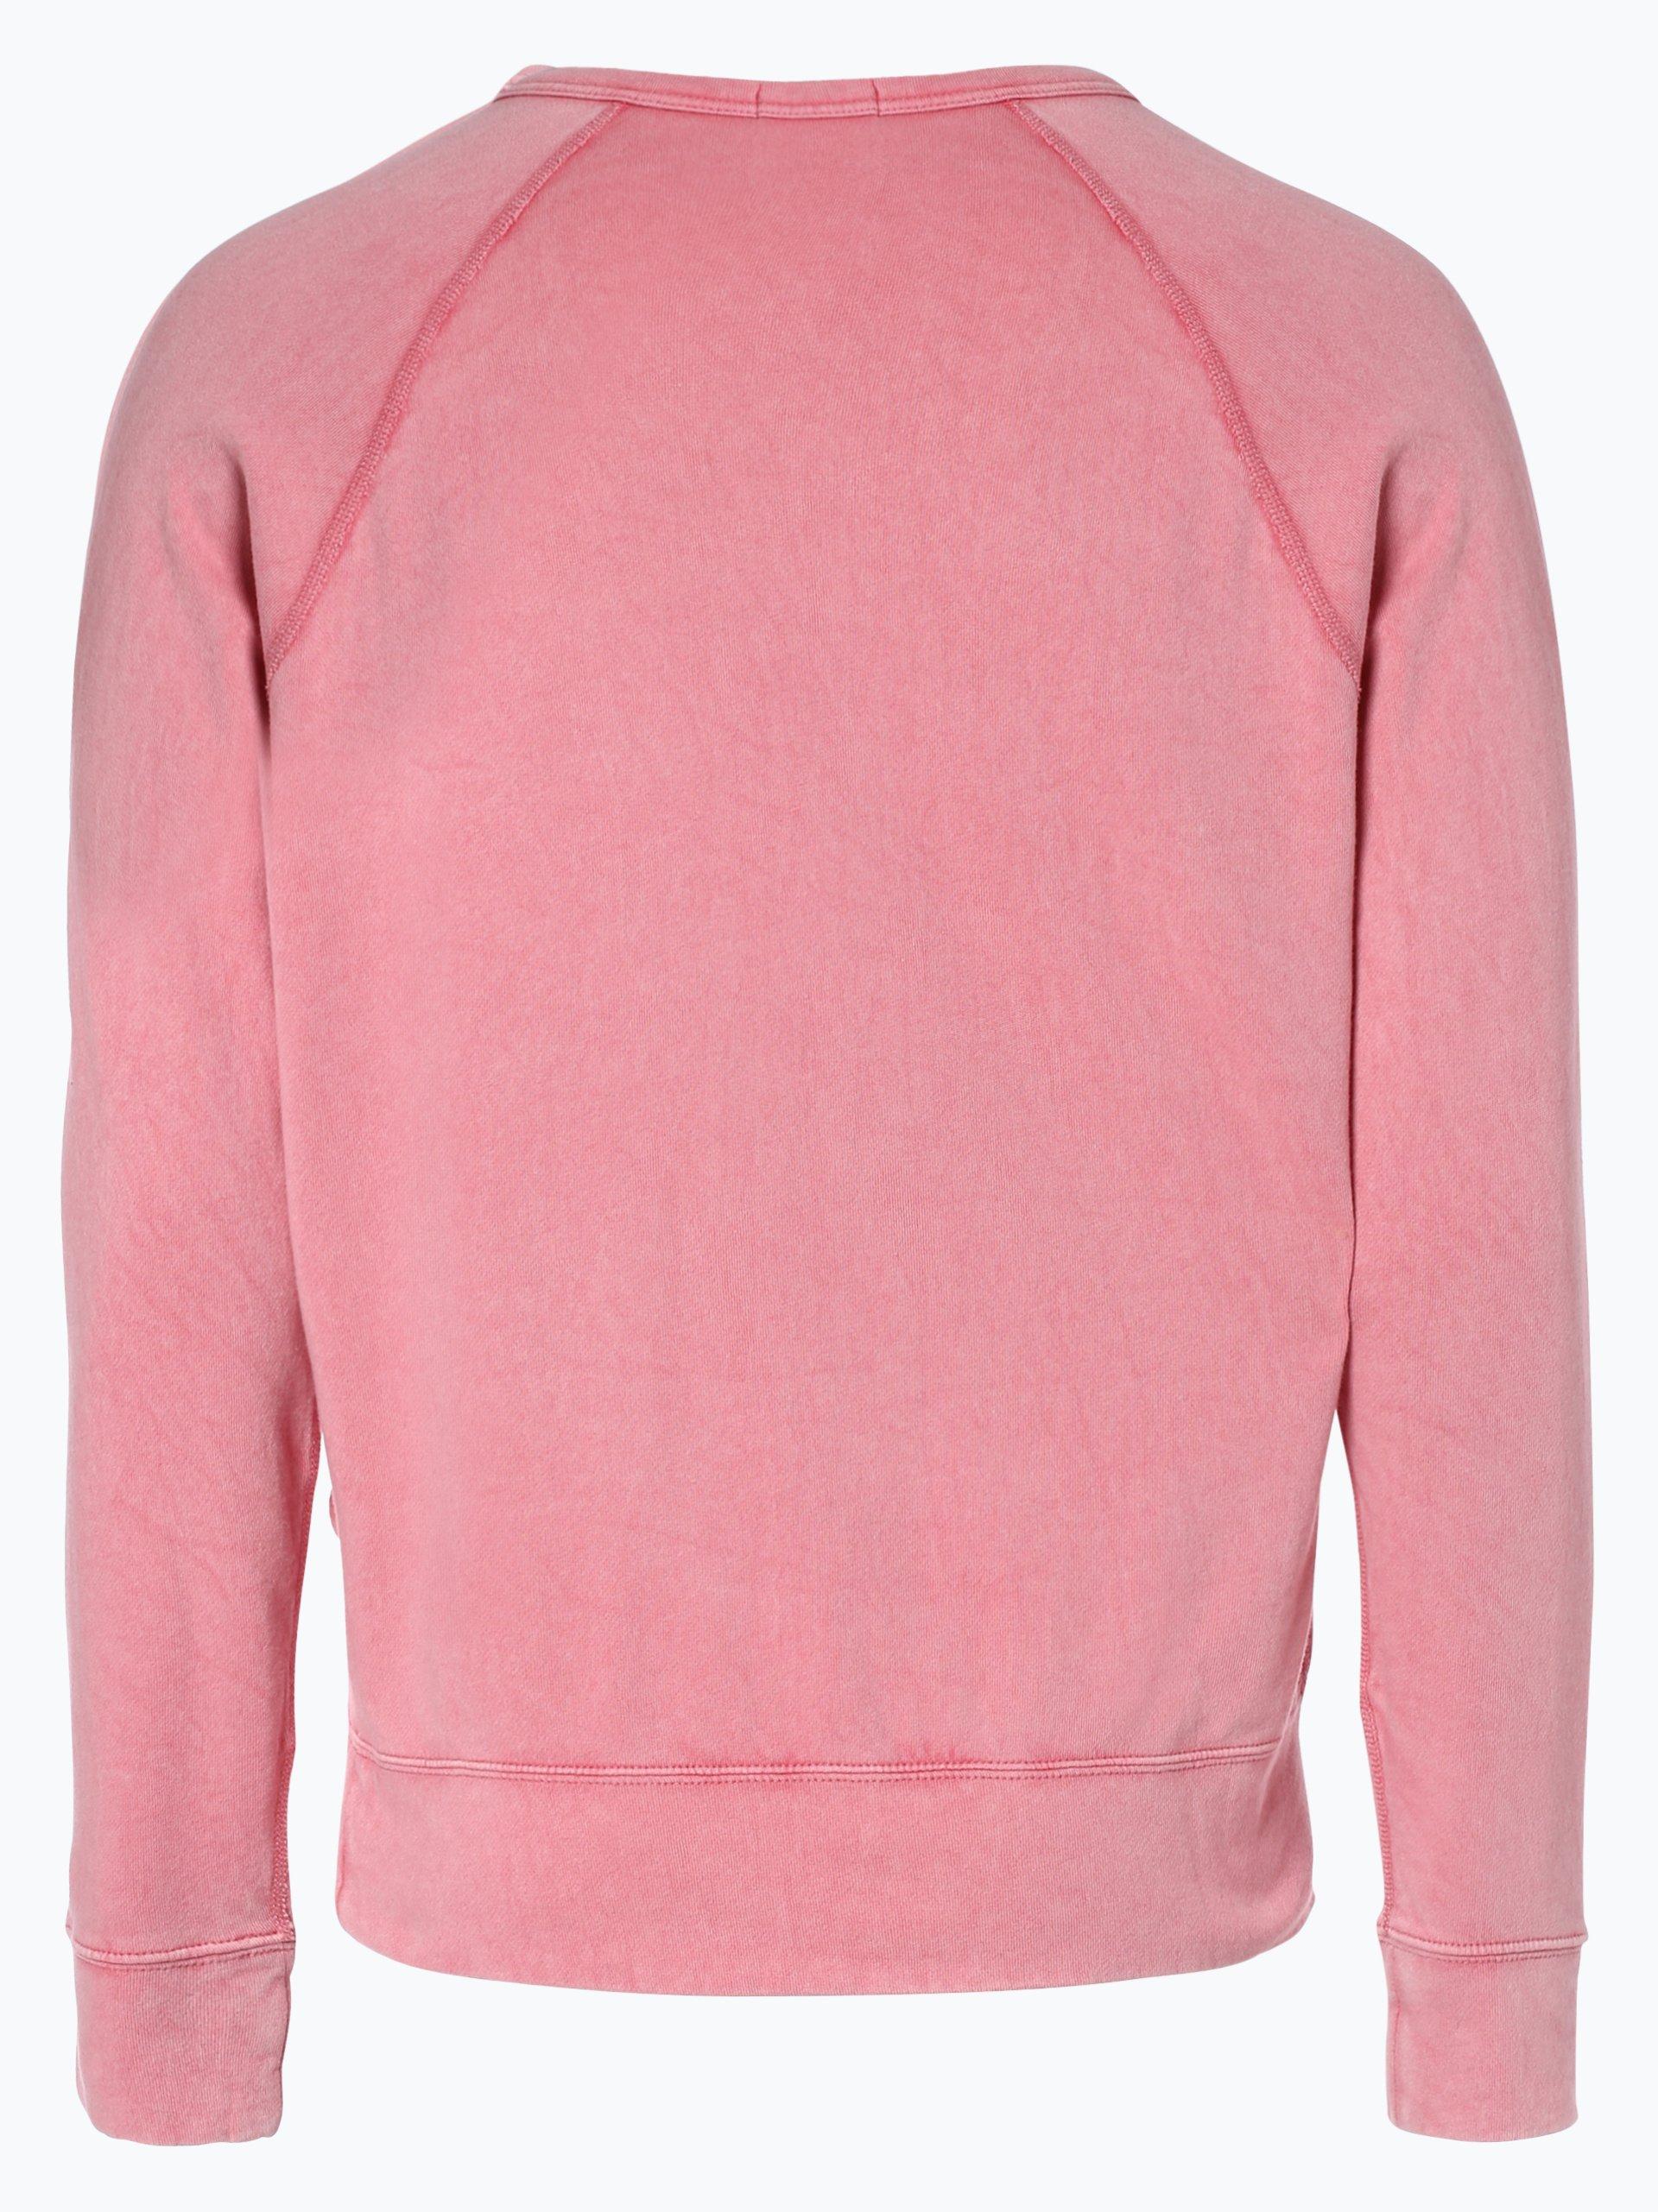 polo ralph lauren herren sweatshirt rot uni online kaufen. Black Bedroom Furniture Sets. Home Design Ideas